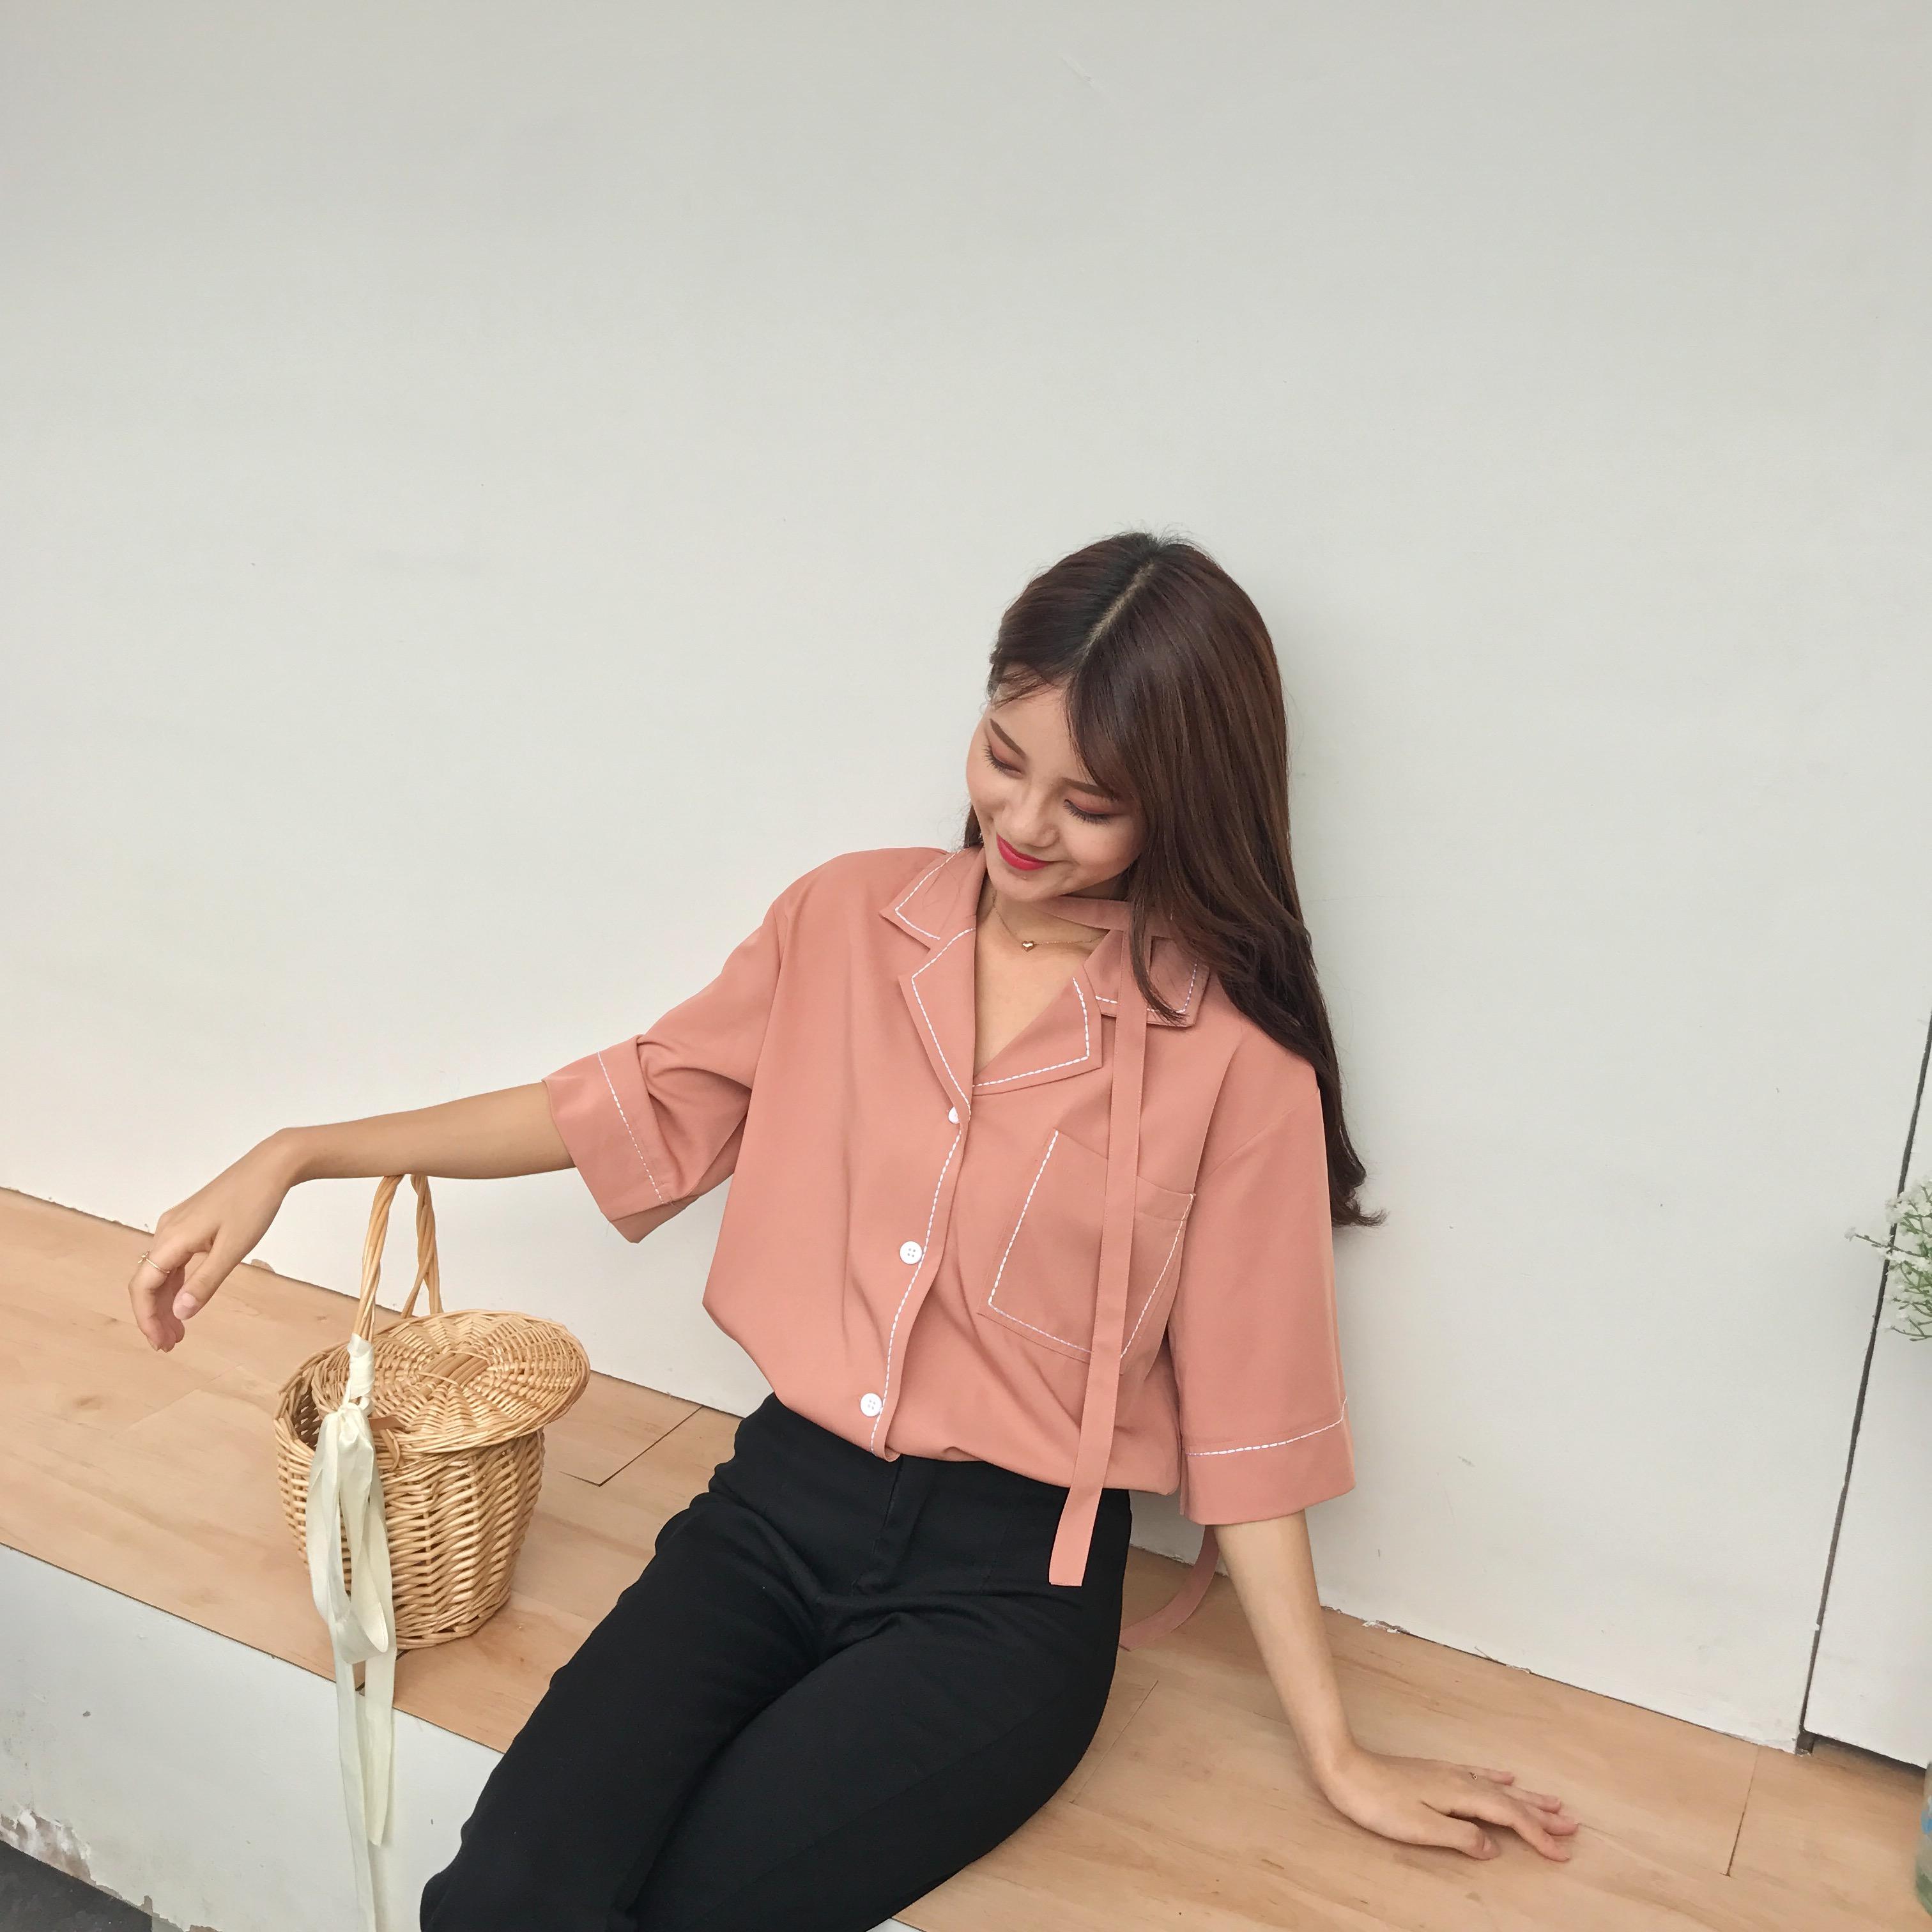 法式衬衫 复古韩国chic风橘粉色上衣明线设计法式睡衣领宽松短袖女衬衫夏季_推荐淘宝好看的女法 衬衫